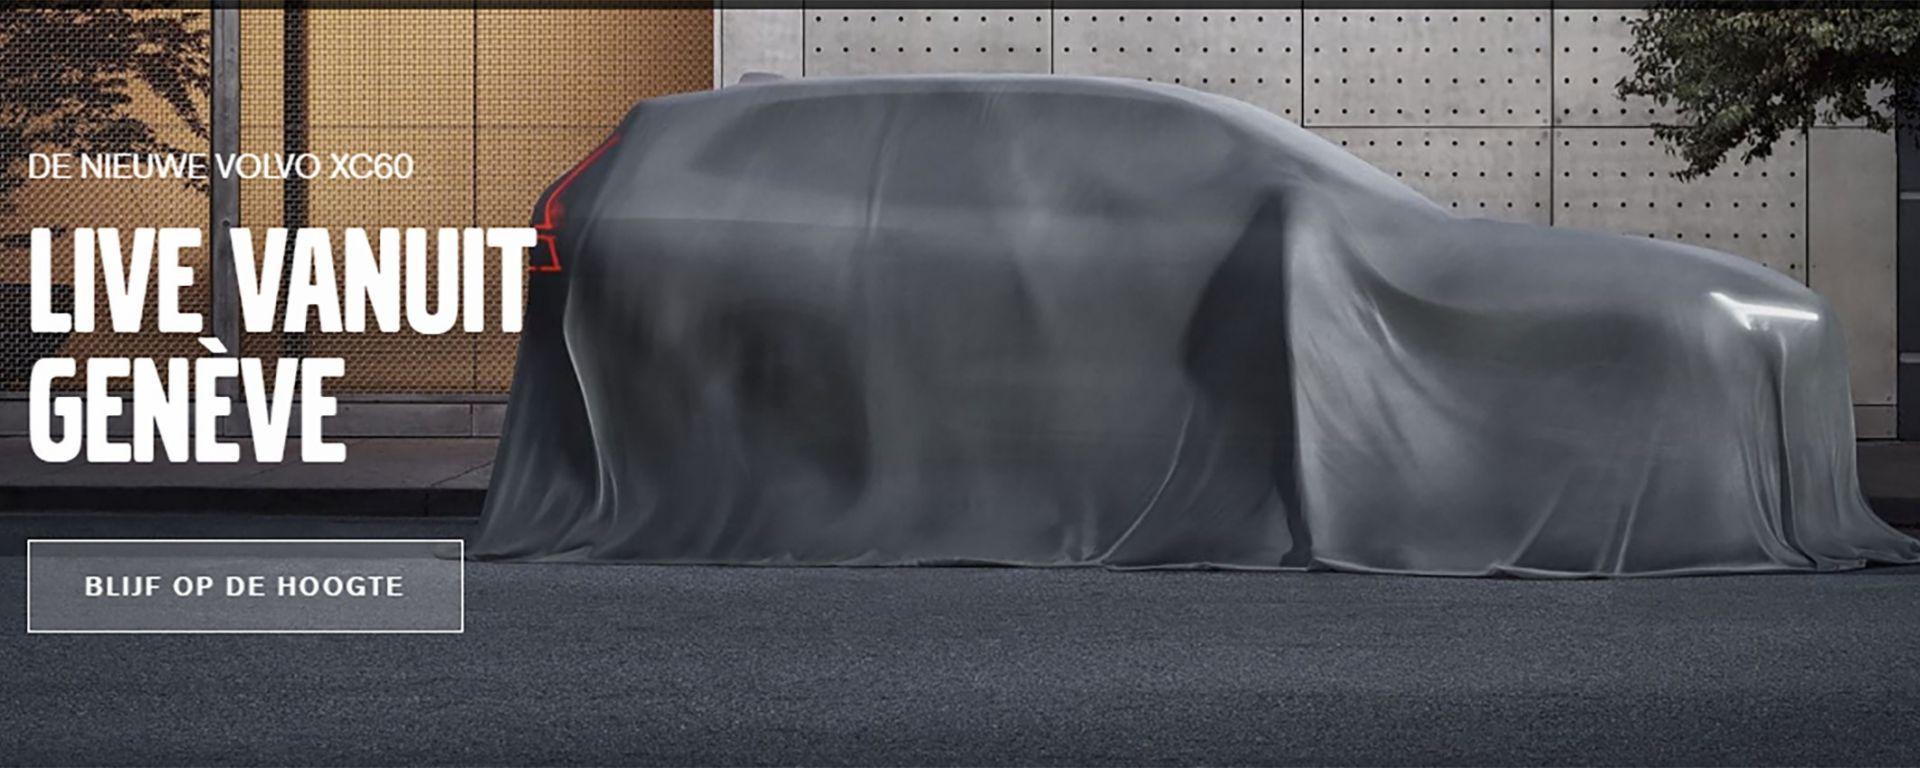 Volvo XC60: la prima immagine teaser che anticipa il debutto al Salone di Ginevra 2017